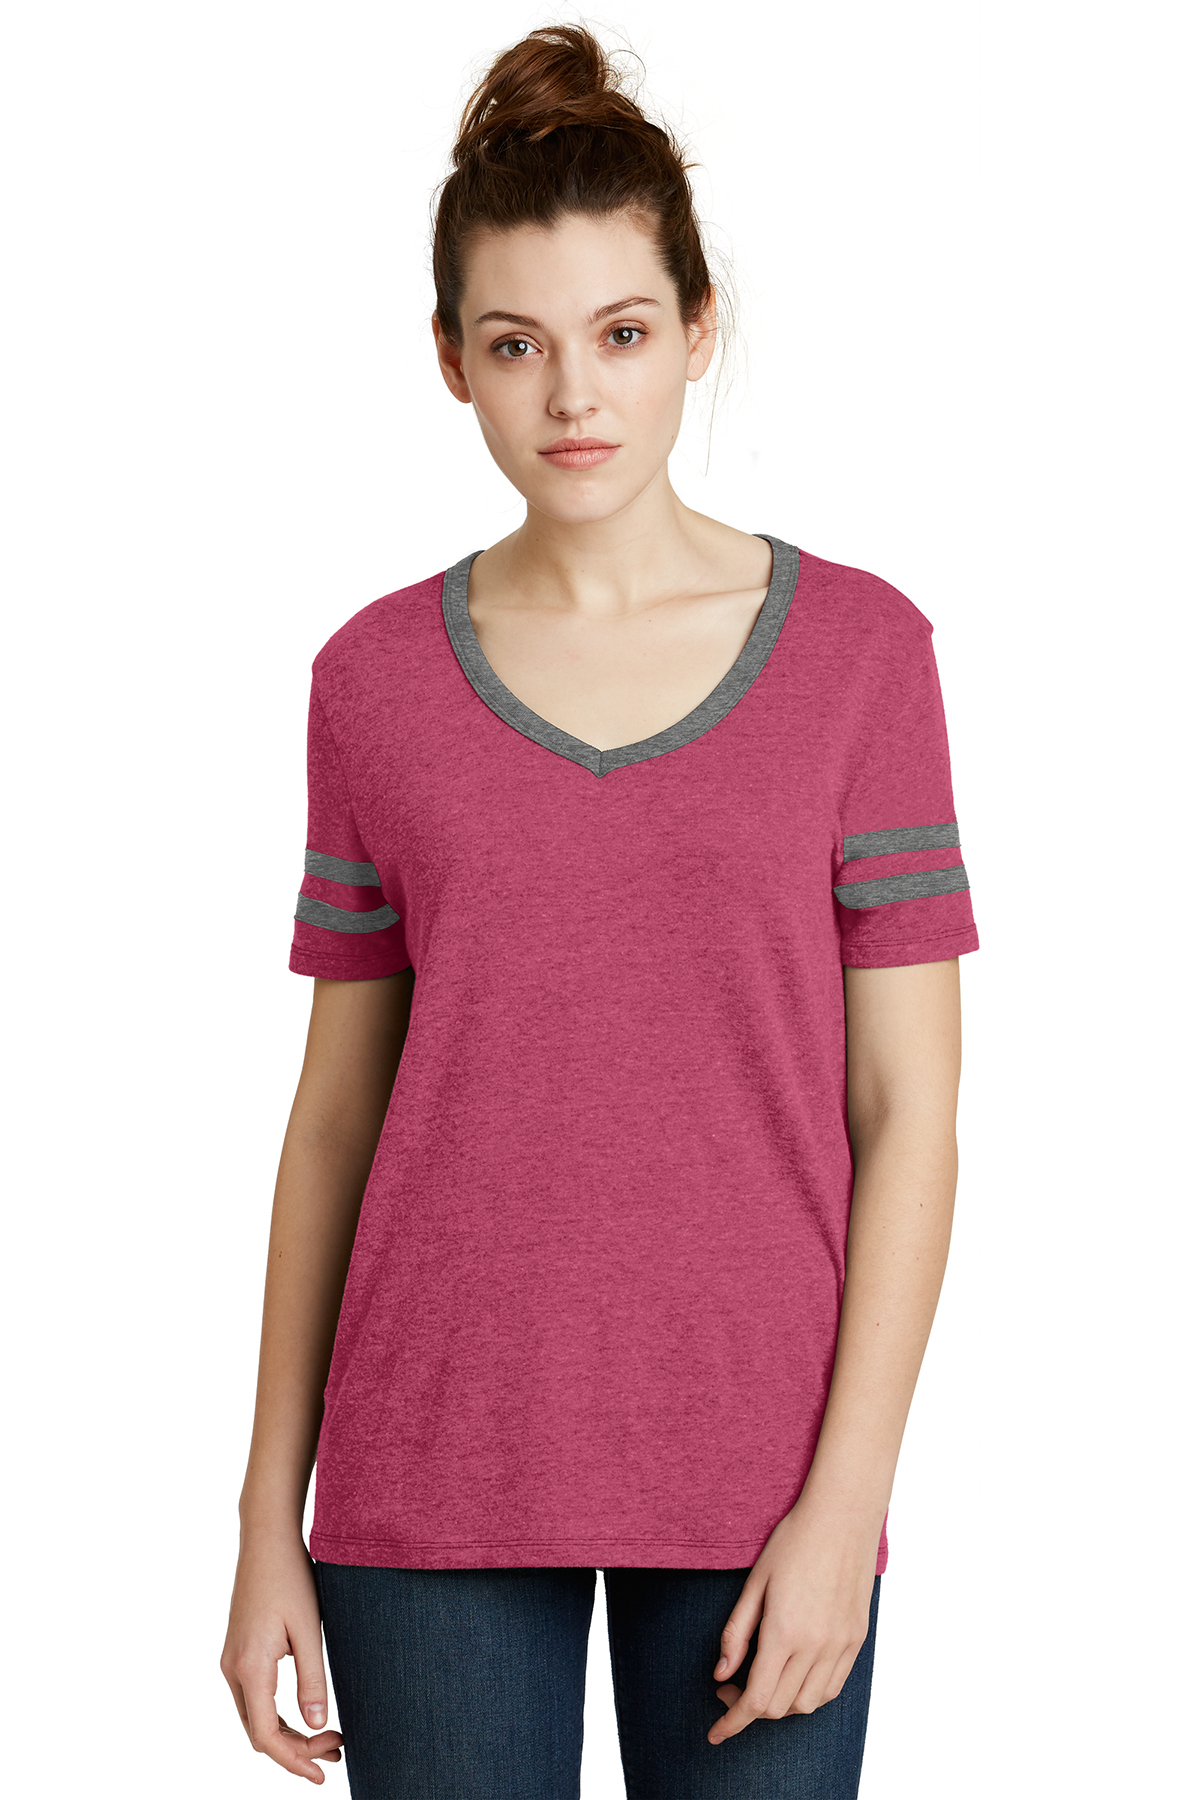 00d741c26 Alternative Women's Varsity Vintage 50/50 Tee   50/50 Blend   T-Shirts ...